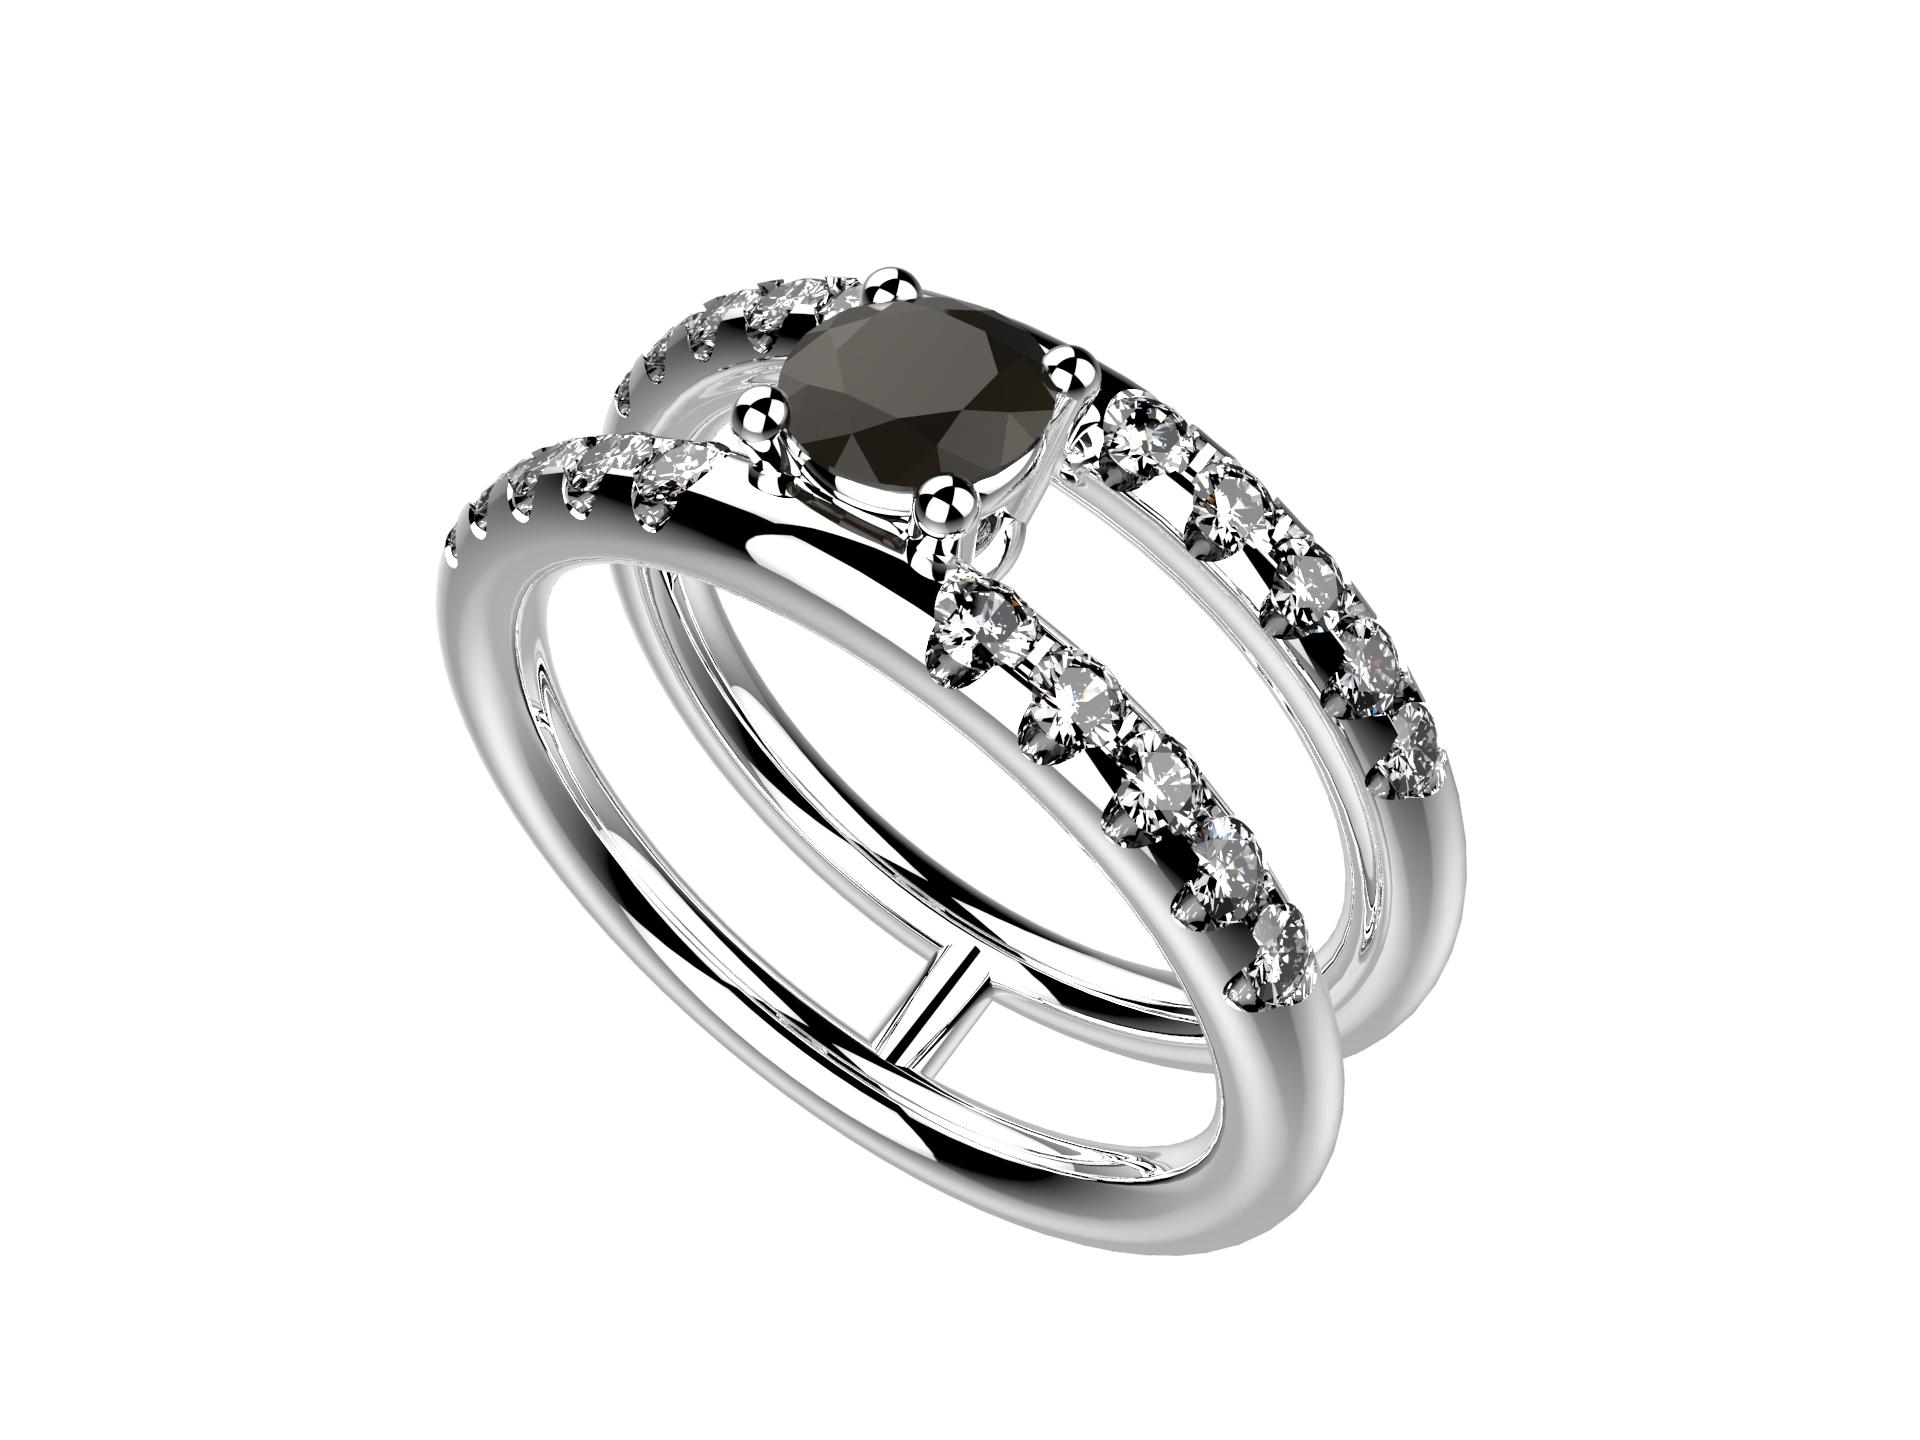 Bague or blanc diamant noir 3550 €